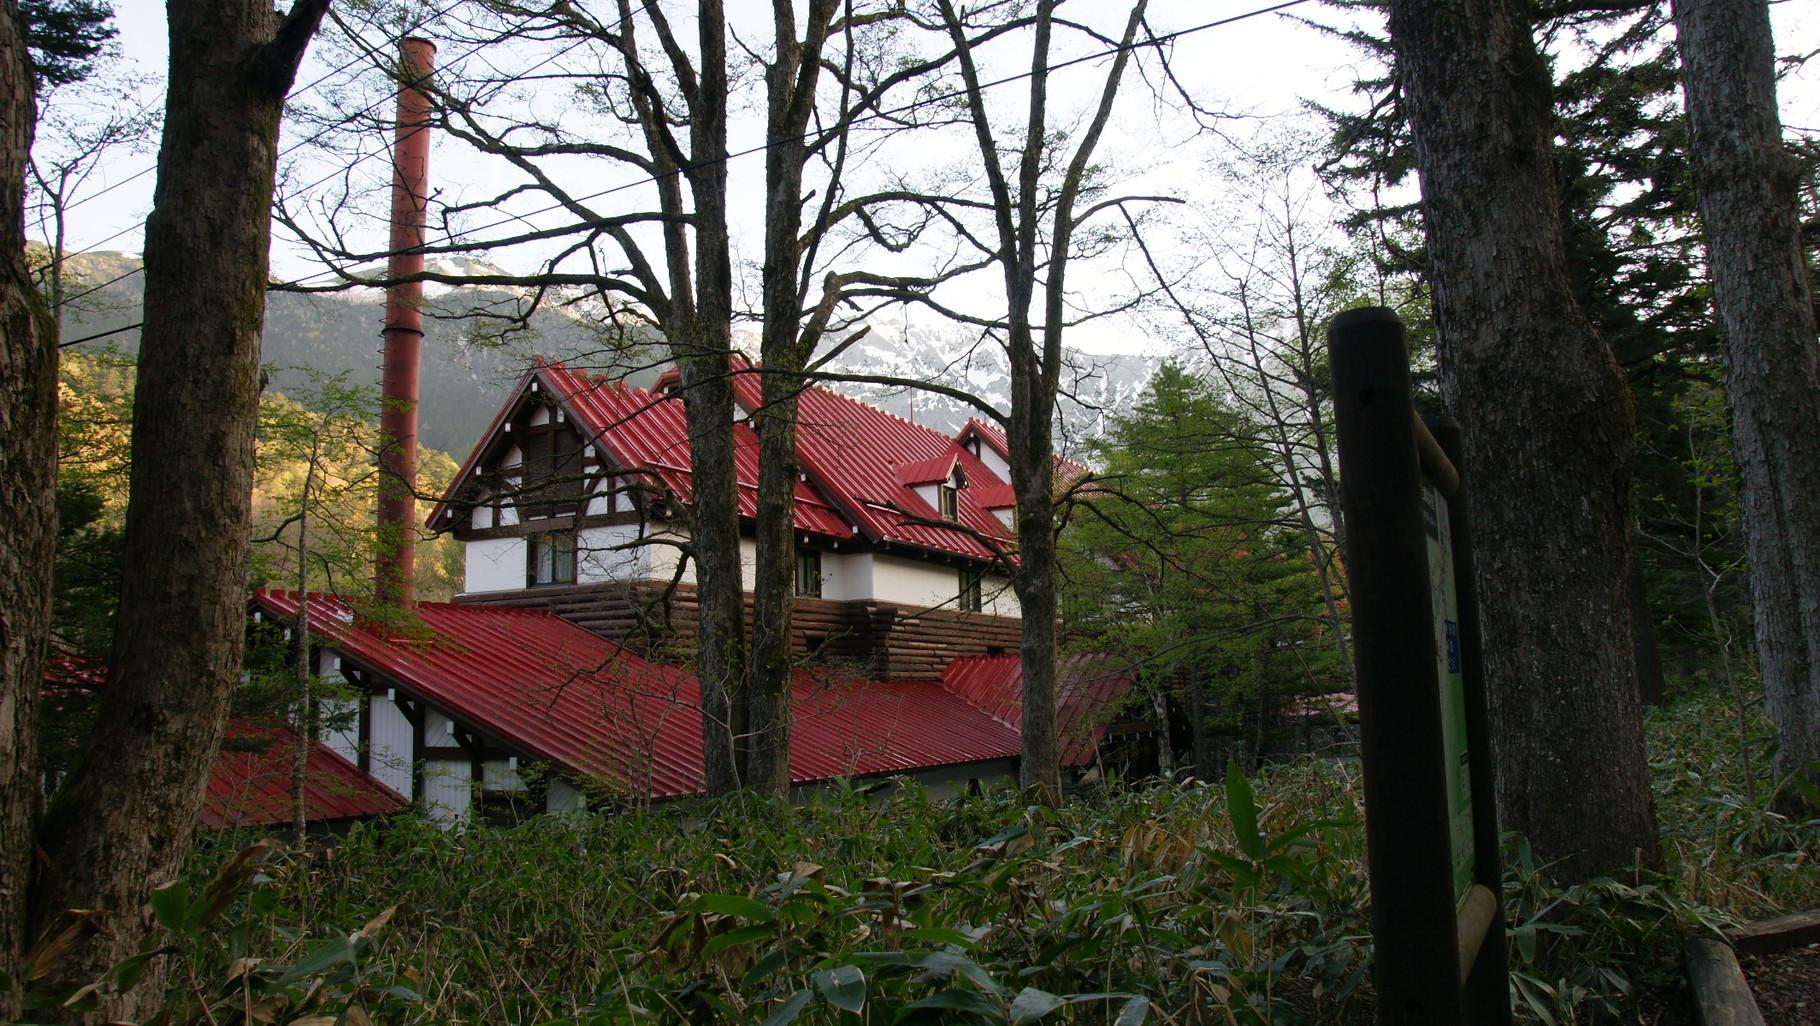 翌朝は快晴、穂高の山並みが見える。外の気温3℃。